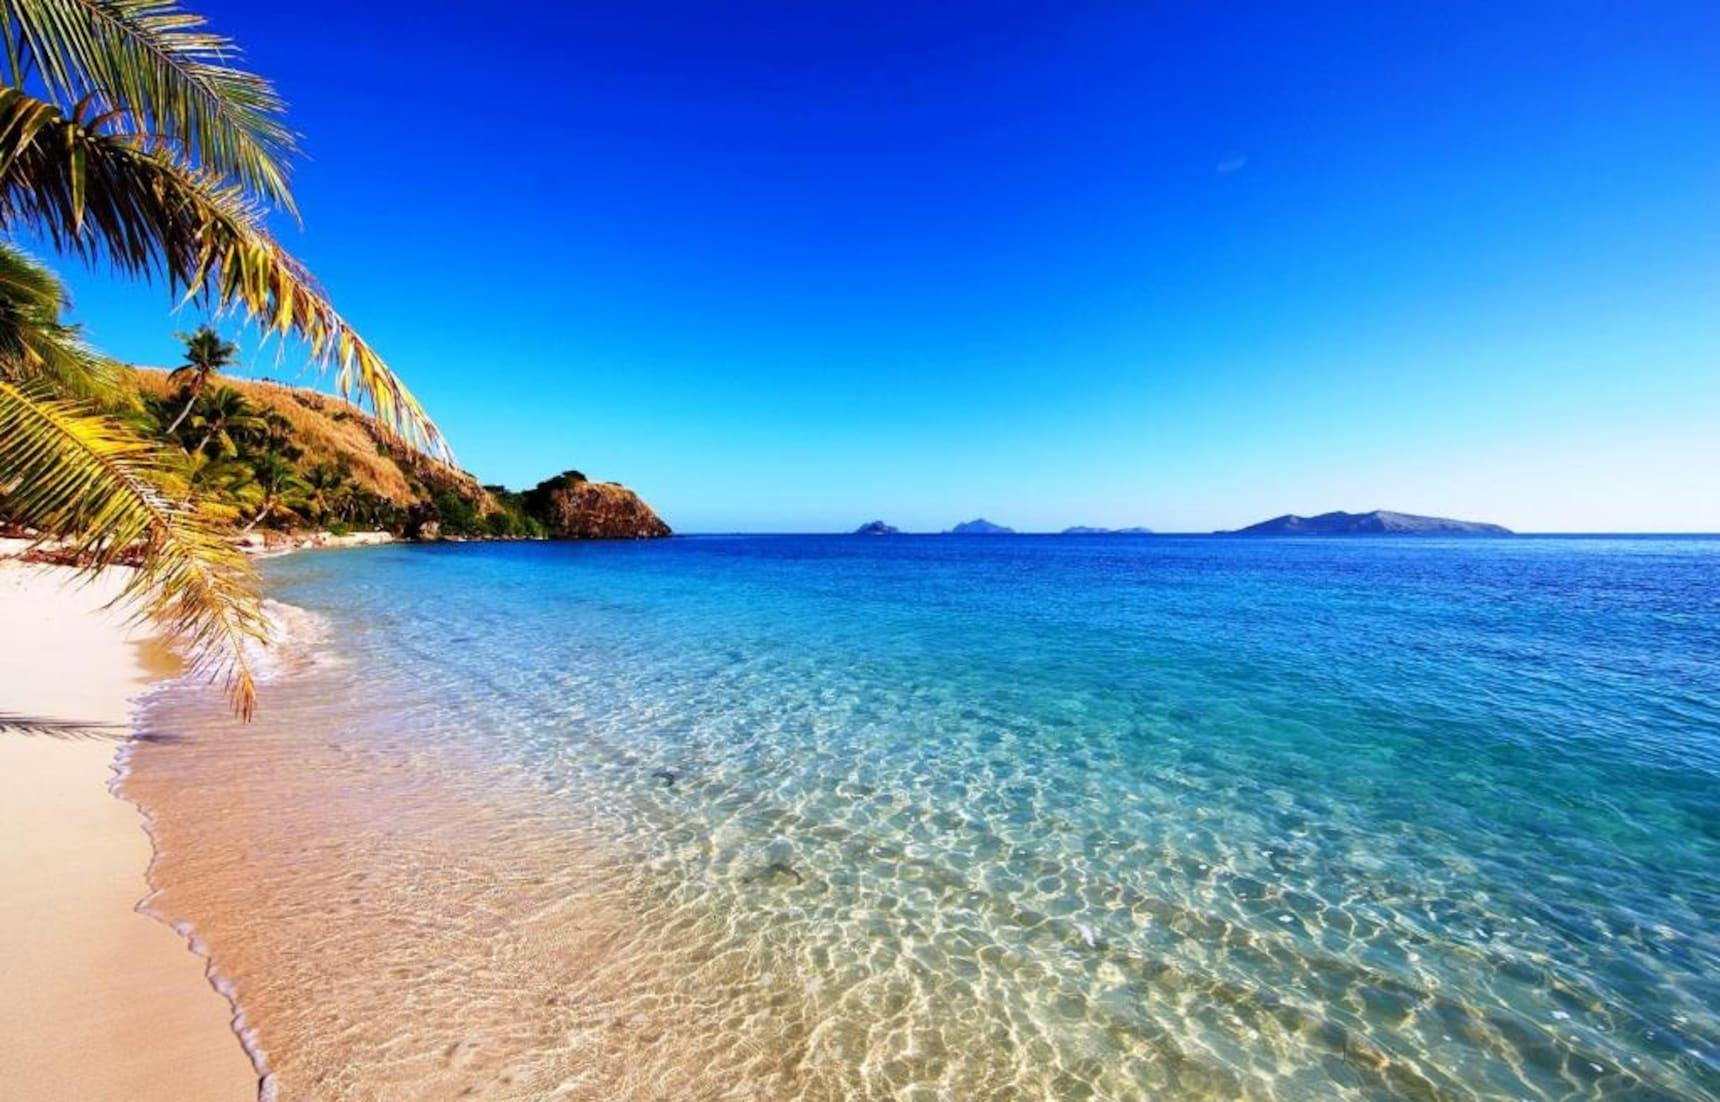 라이터가 선정한 아름다운 바닷가 2 편